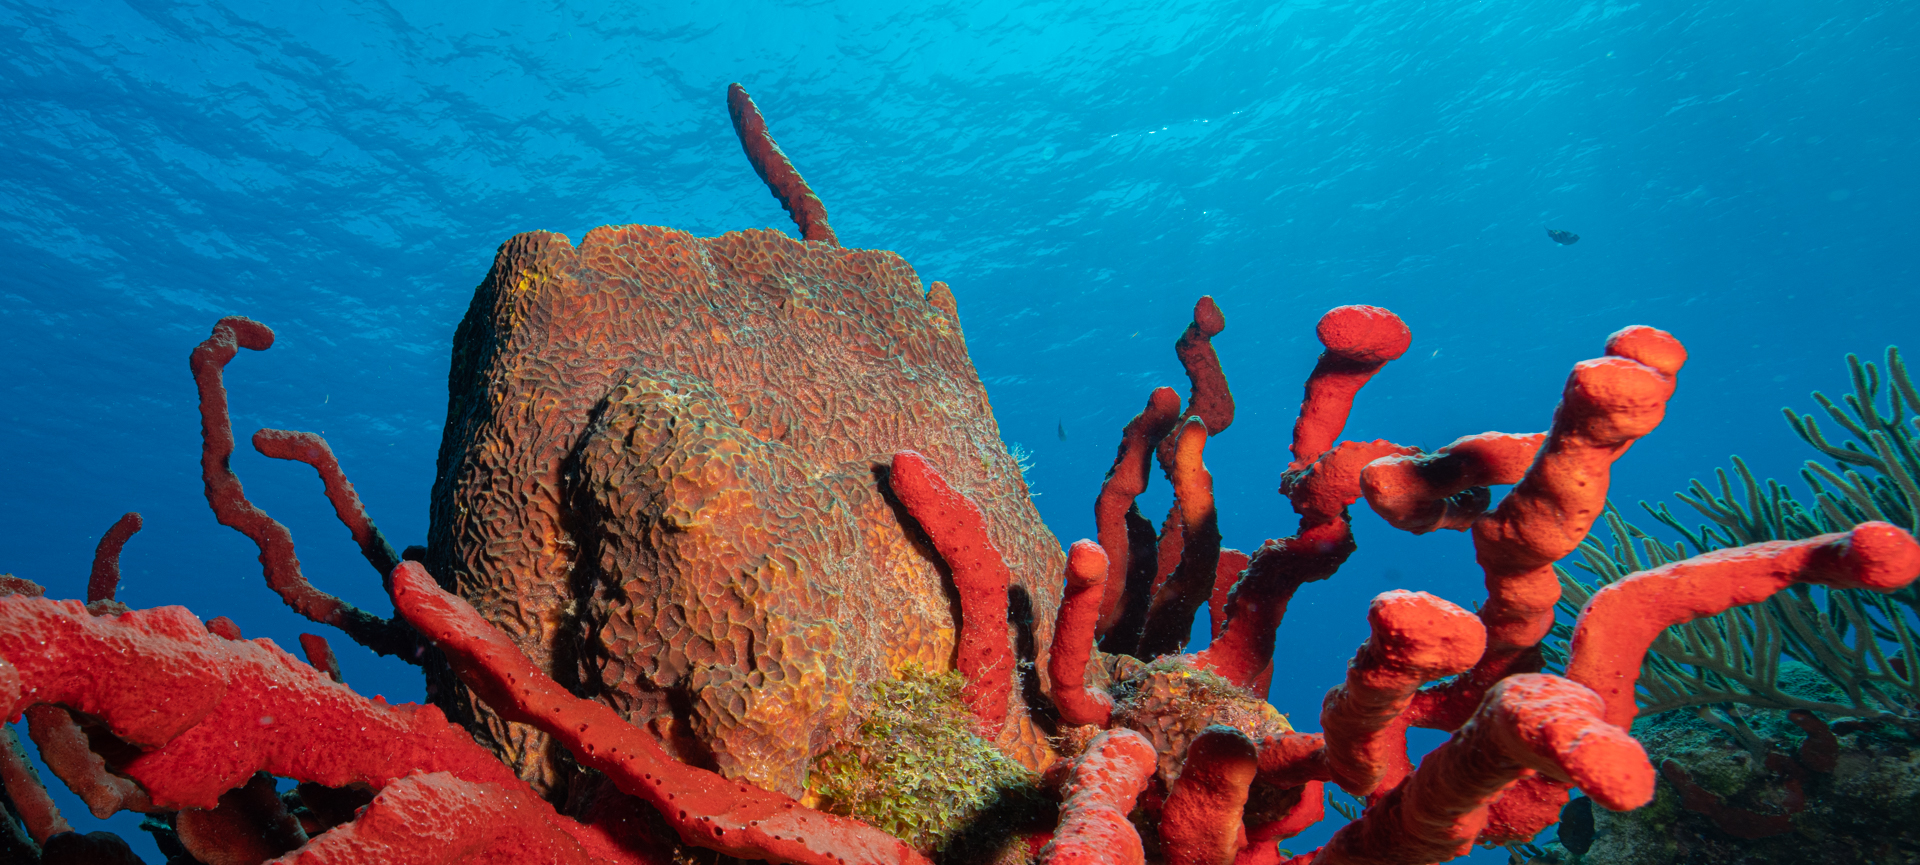 Barrel Sponge on a  Cozumel reef